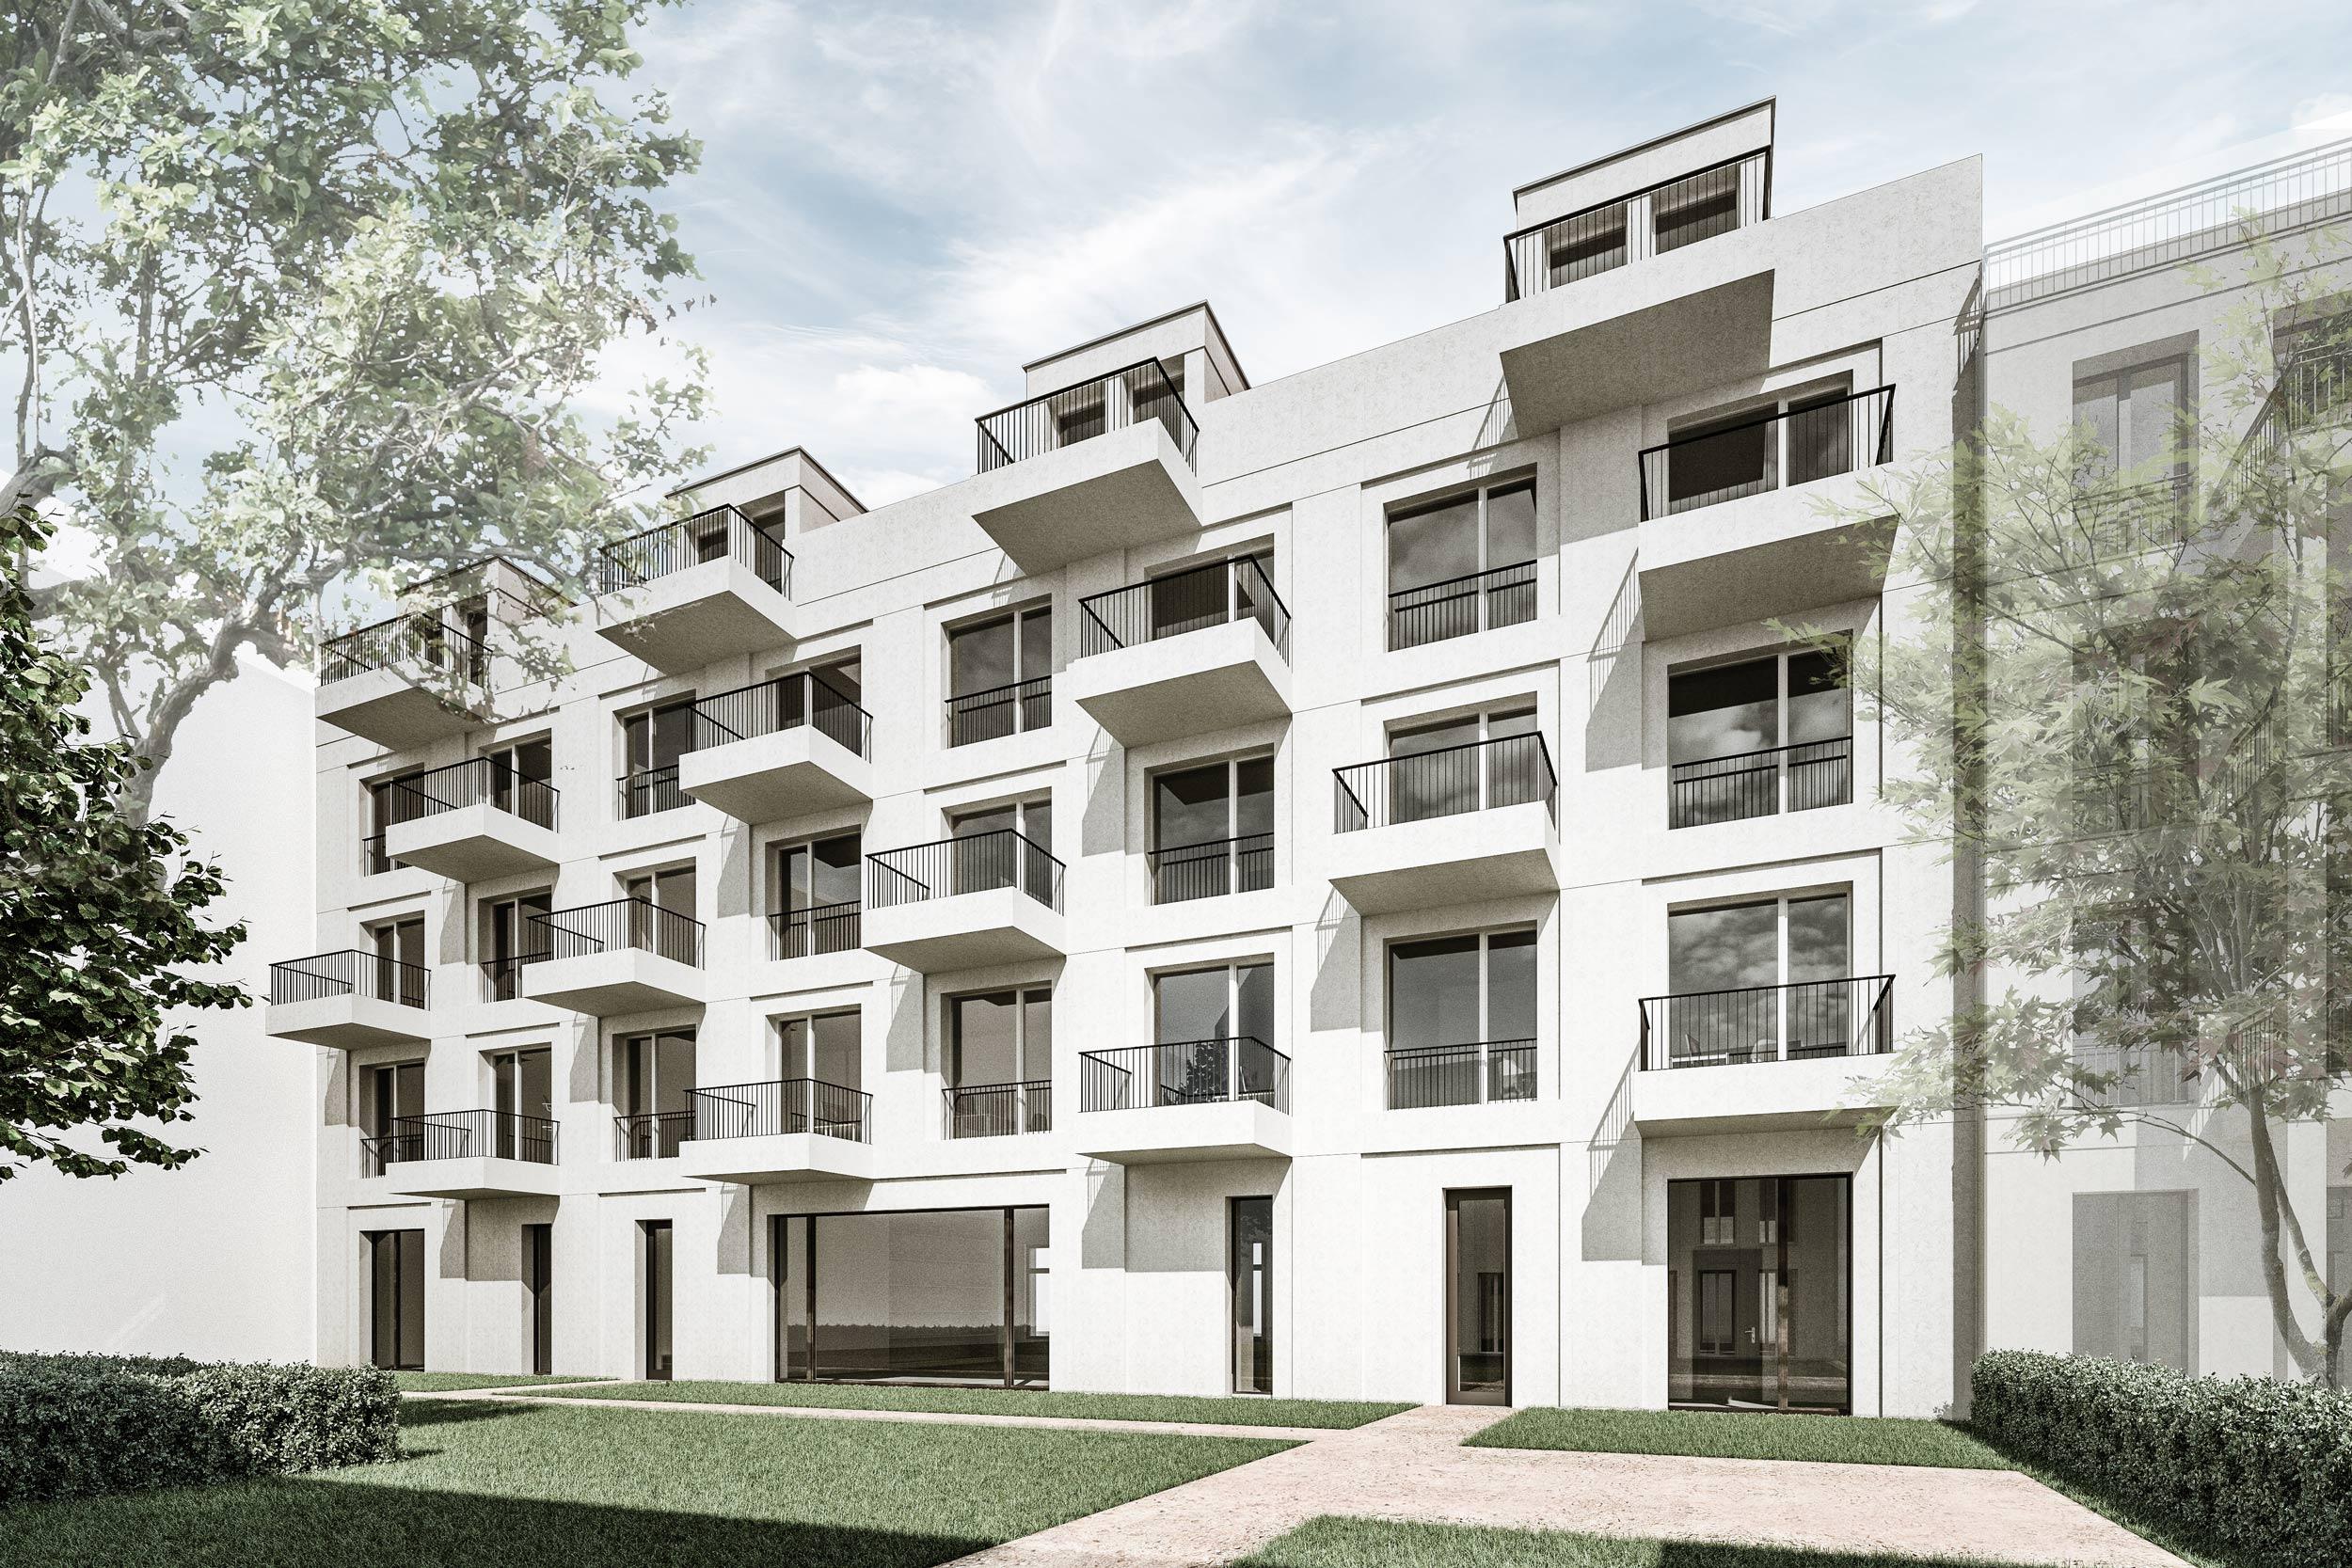 Neues Stadtpalais in der historischen Mitte Potsdam - Die Fensterflächen mit ihren breiten Fenstergewänden sind eine Interpretation der Straßenfassade.